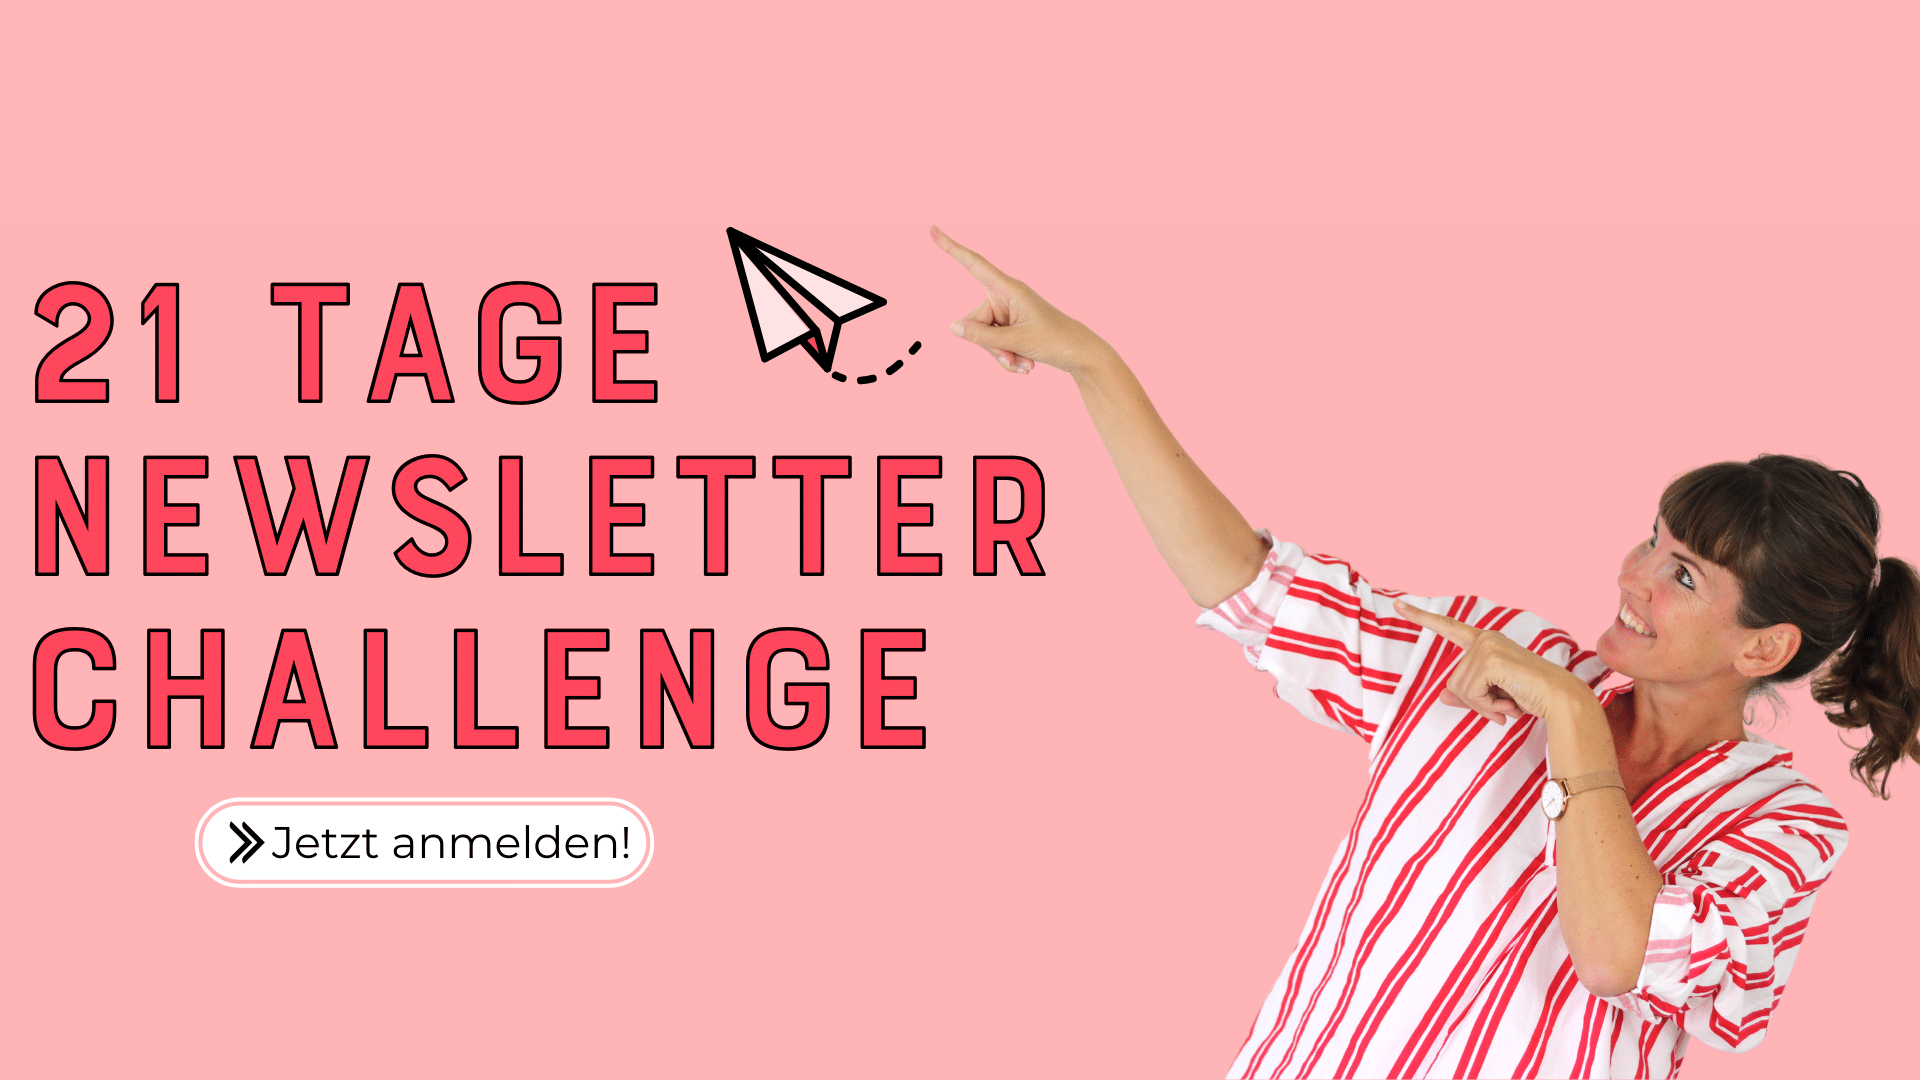 21 Tage Newsletter Challenge - Johanna Fritz - E-Mail Marketing fürs Online Business